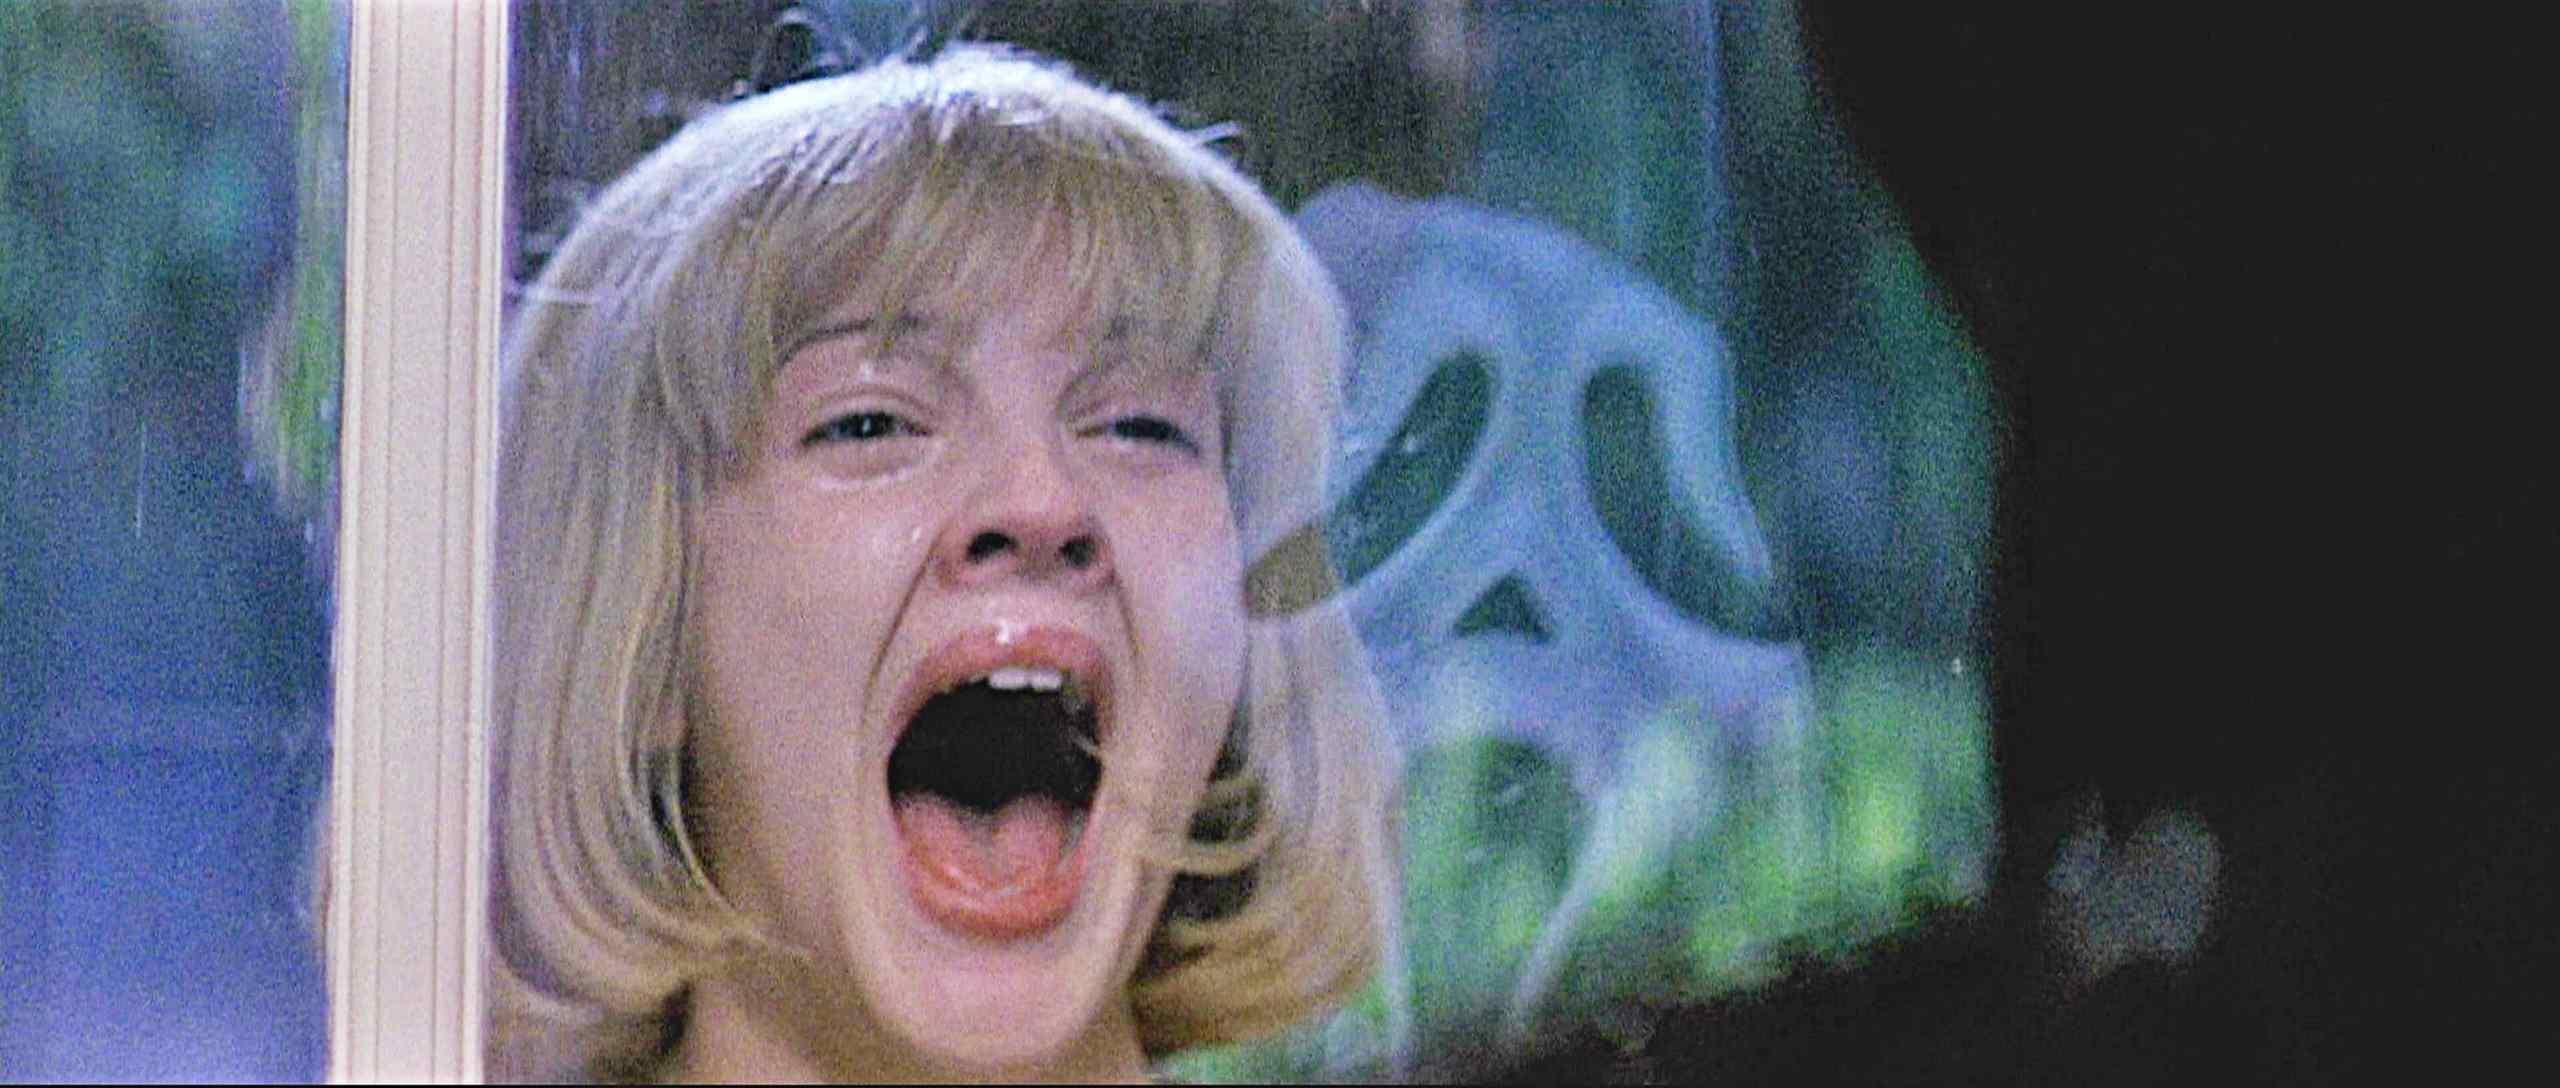 Filmes de 1996 – Panico